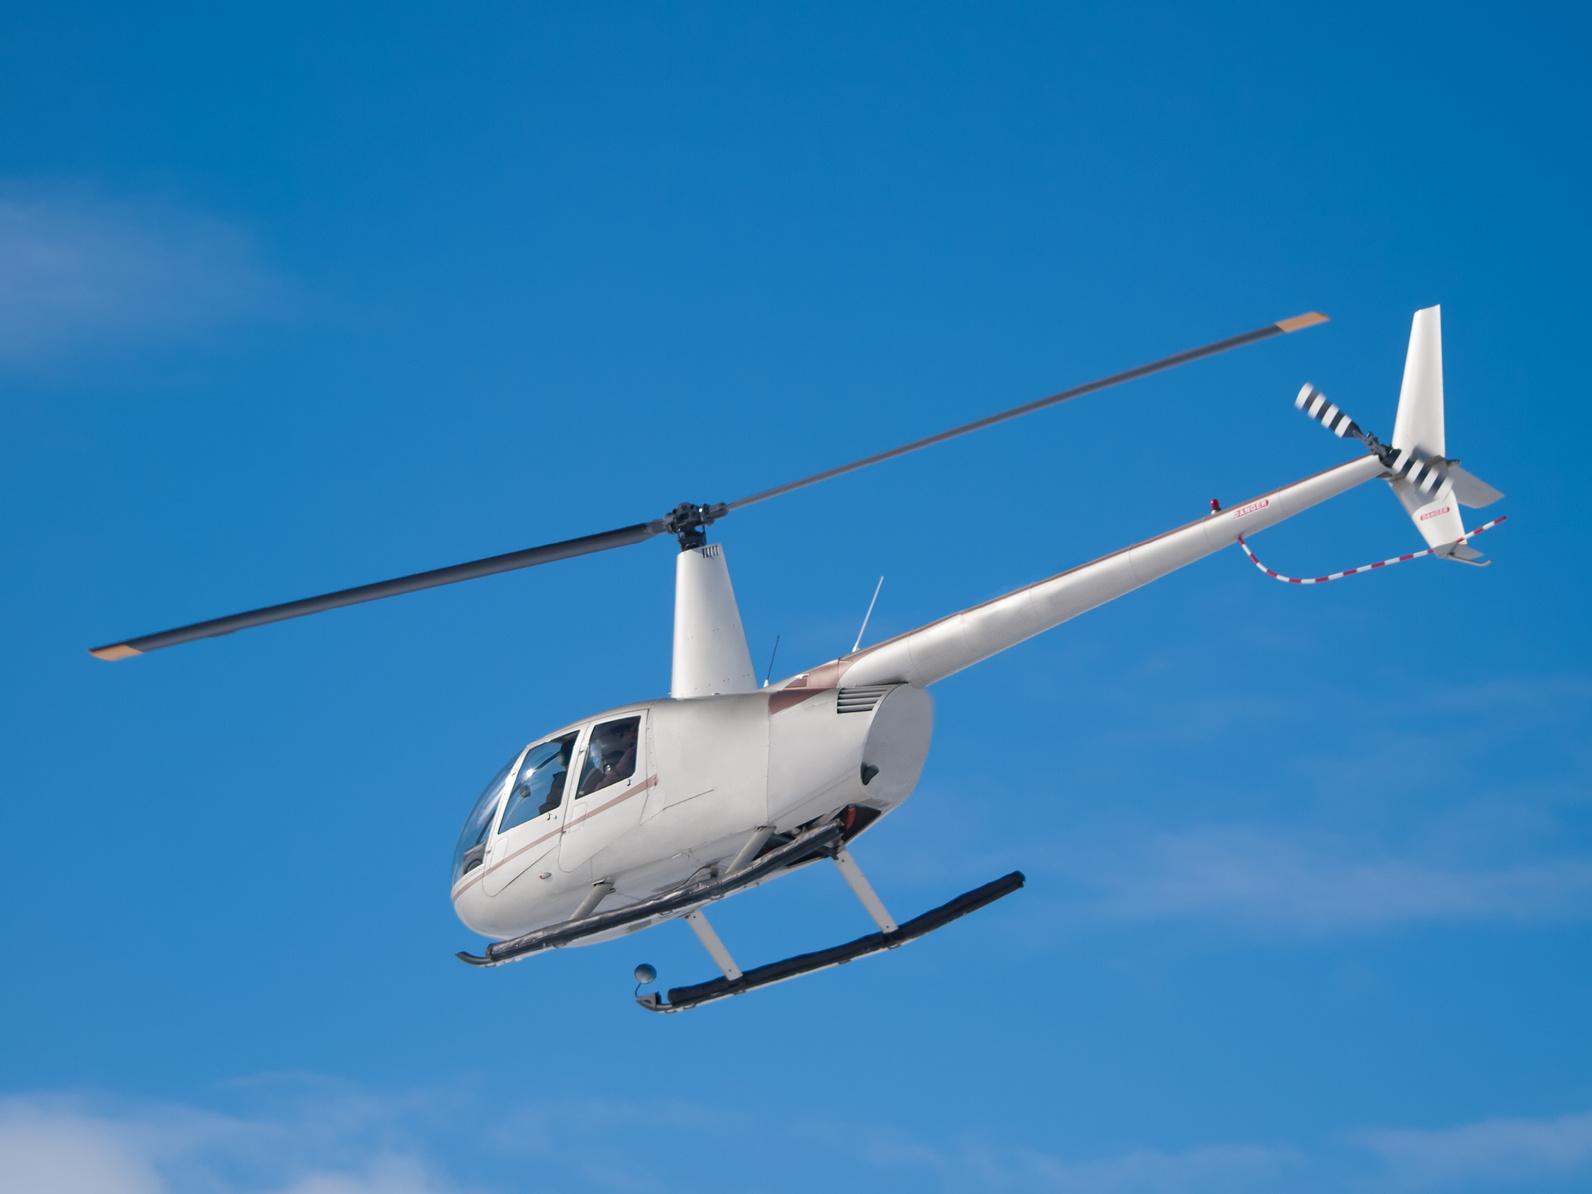 Монако: вертолетная экскурсия и полеты над Княжеством